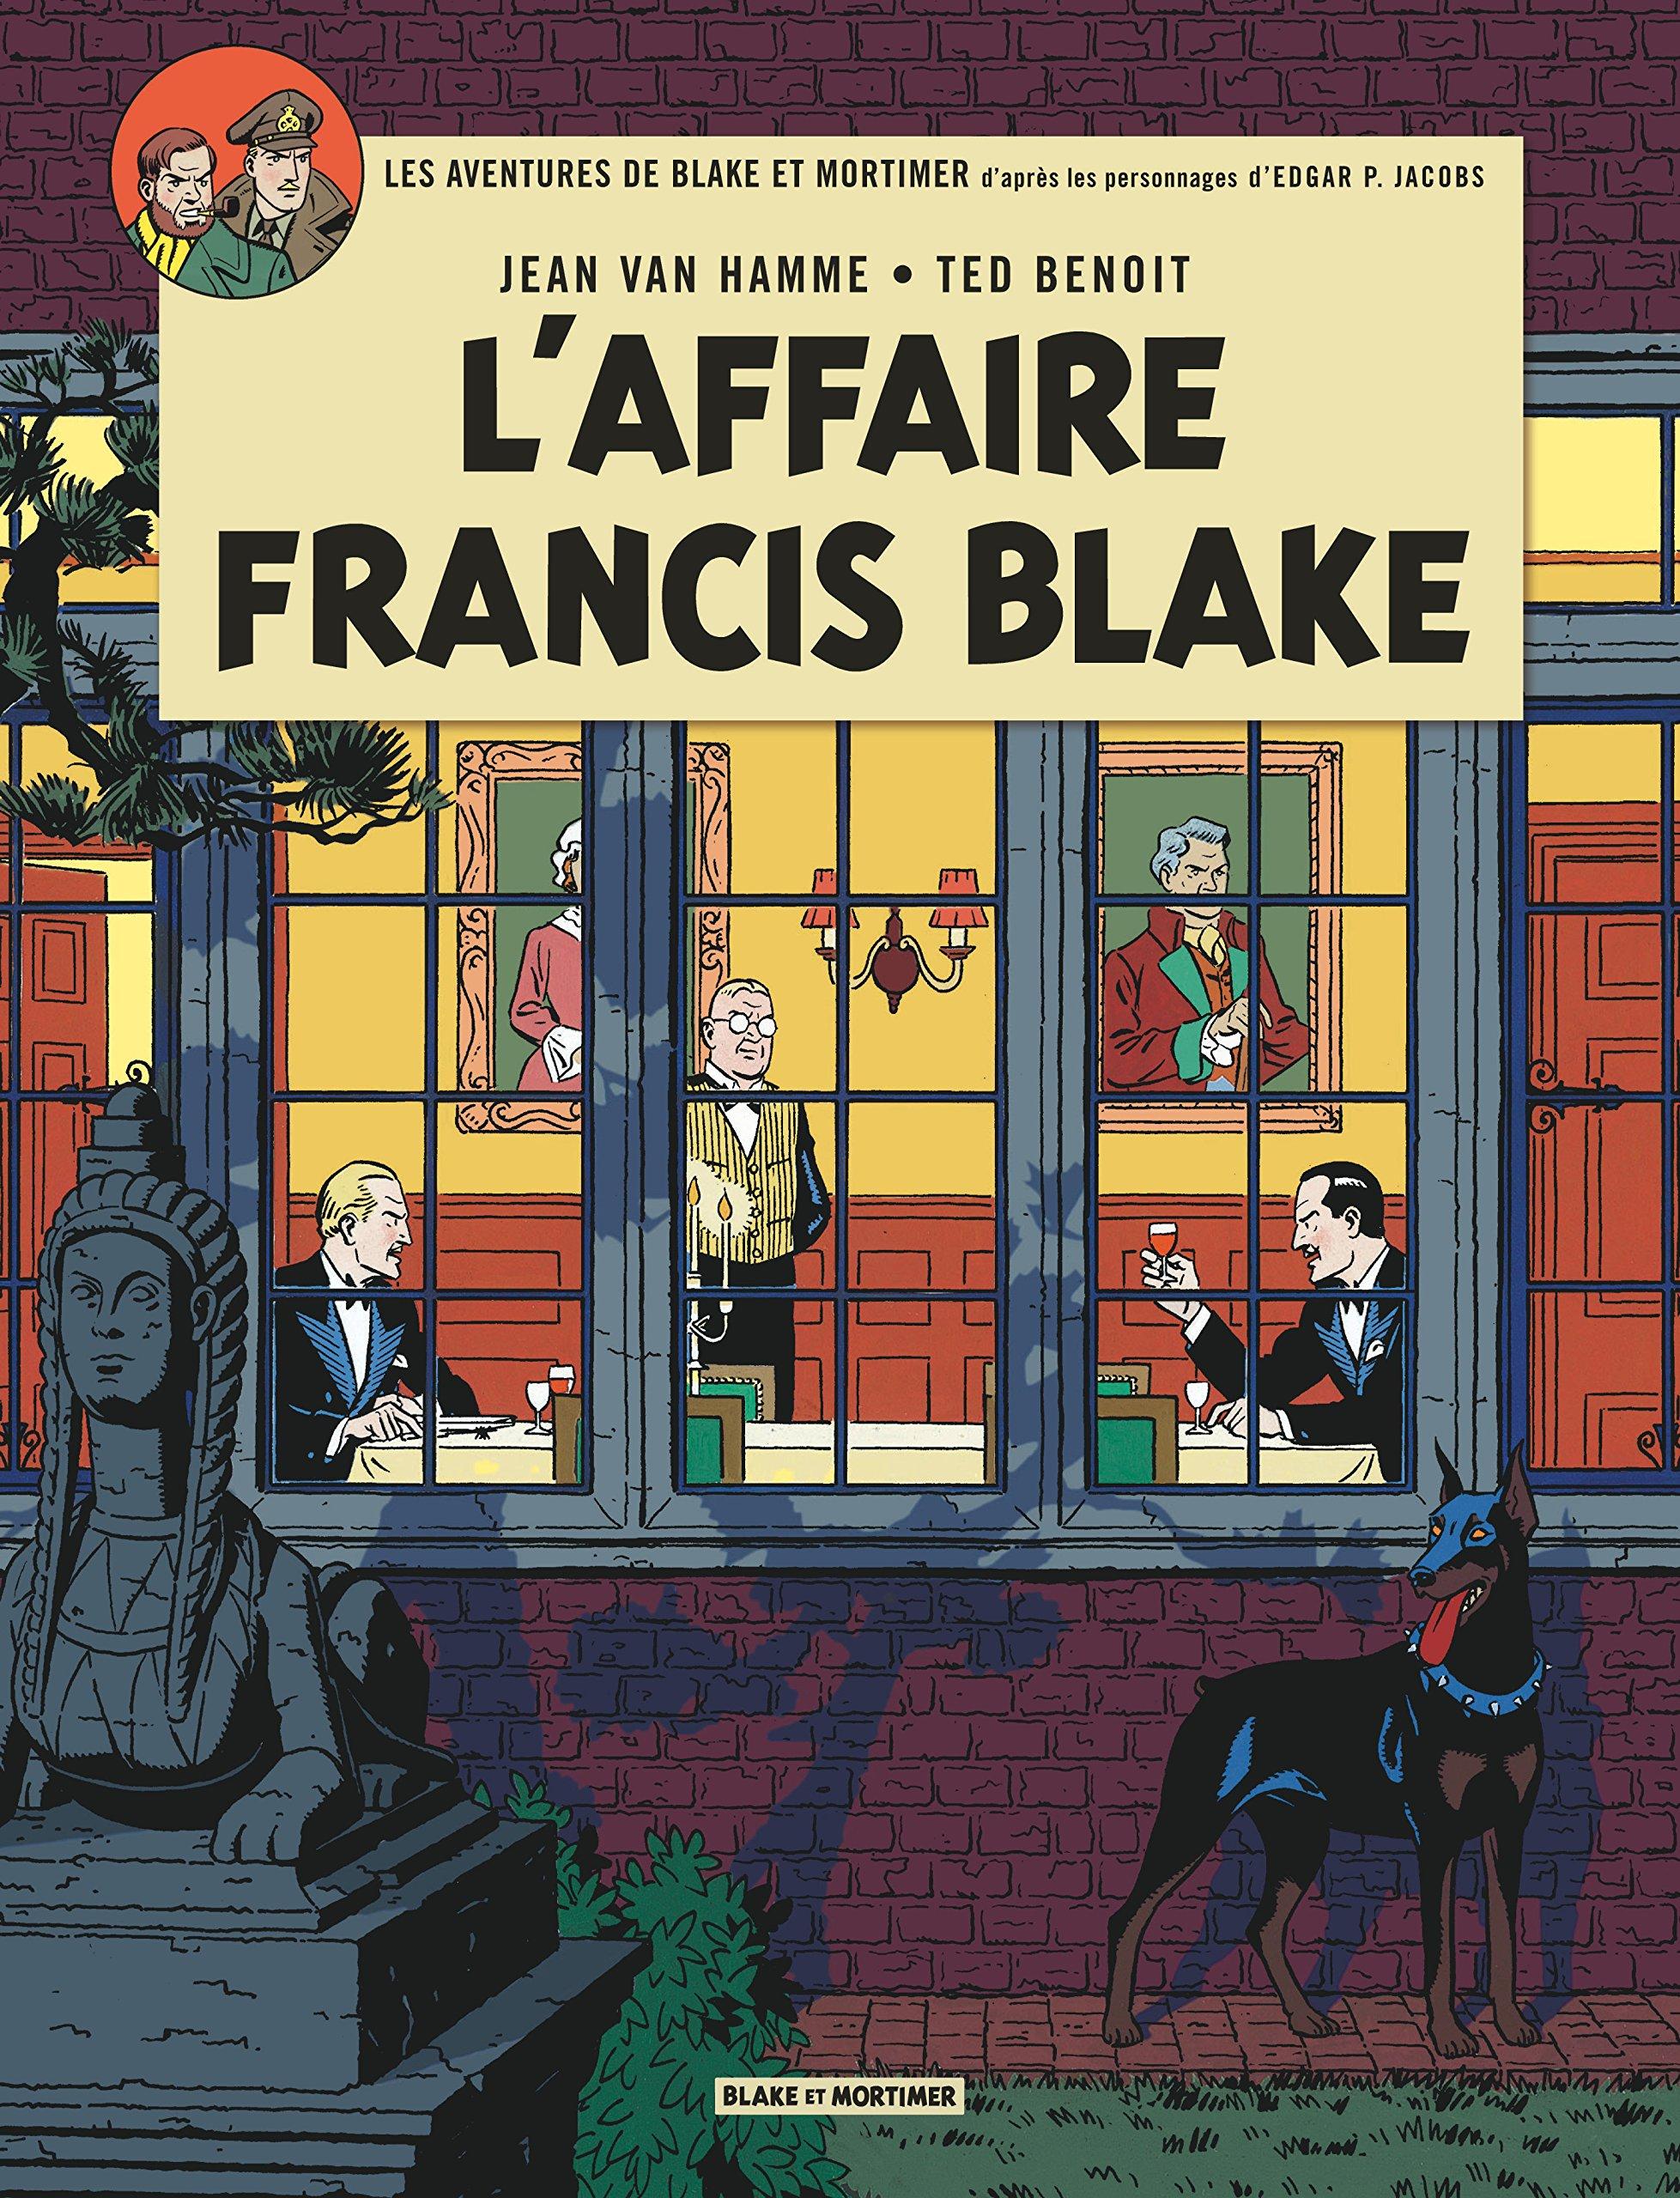 Blake & Mortimer - tome 13 - Affaire Francis Blake (L') Album – 5 novembre 2013 Van Hamme Jean Benoit Blake Mortimer 287097177X